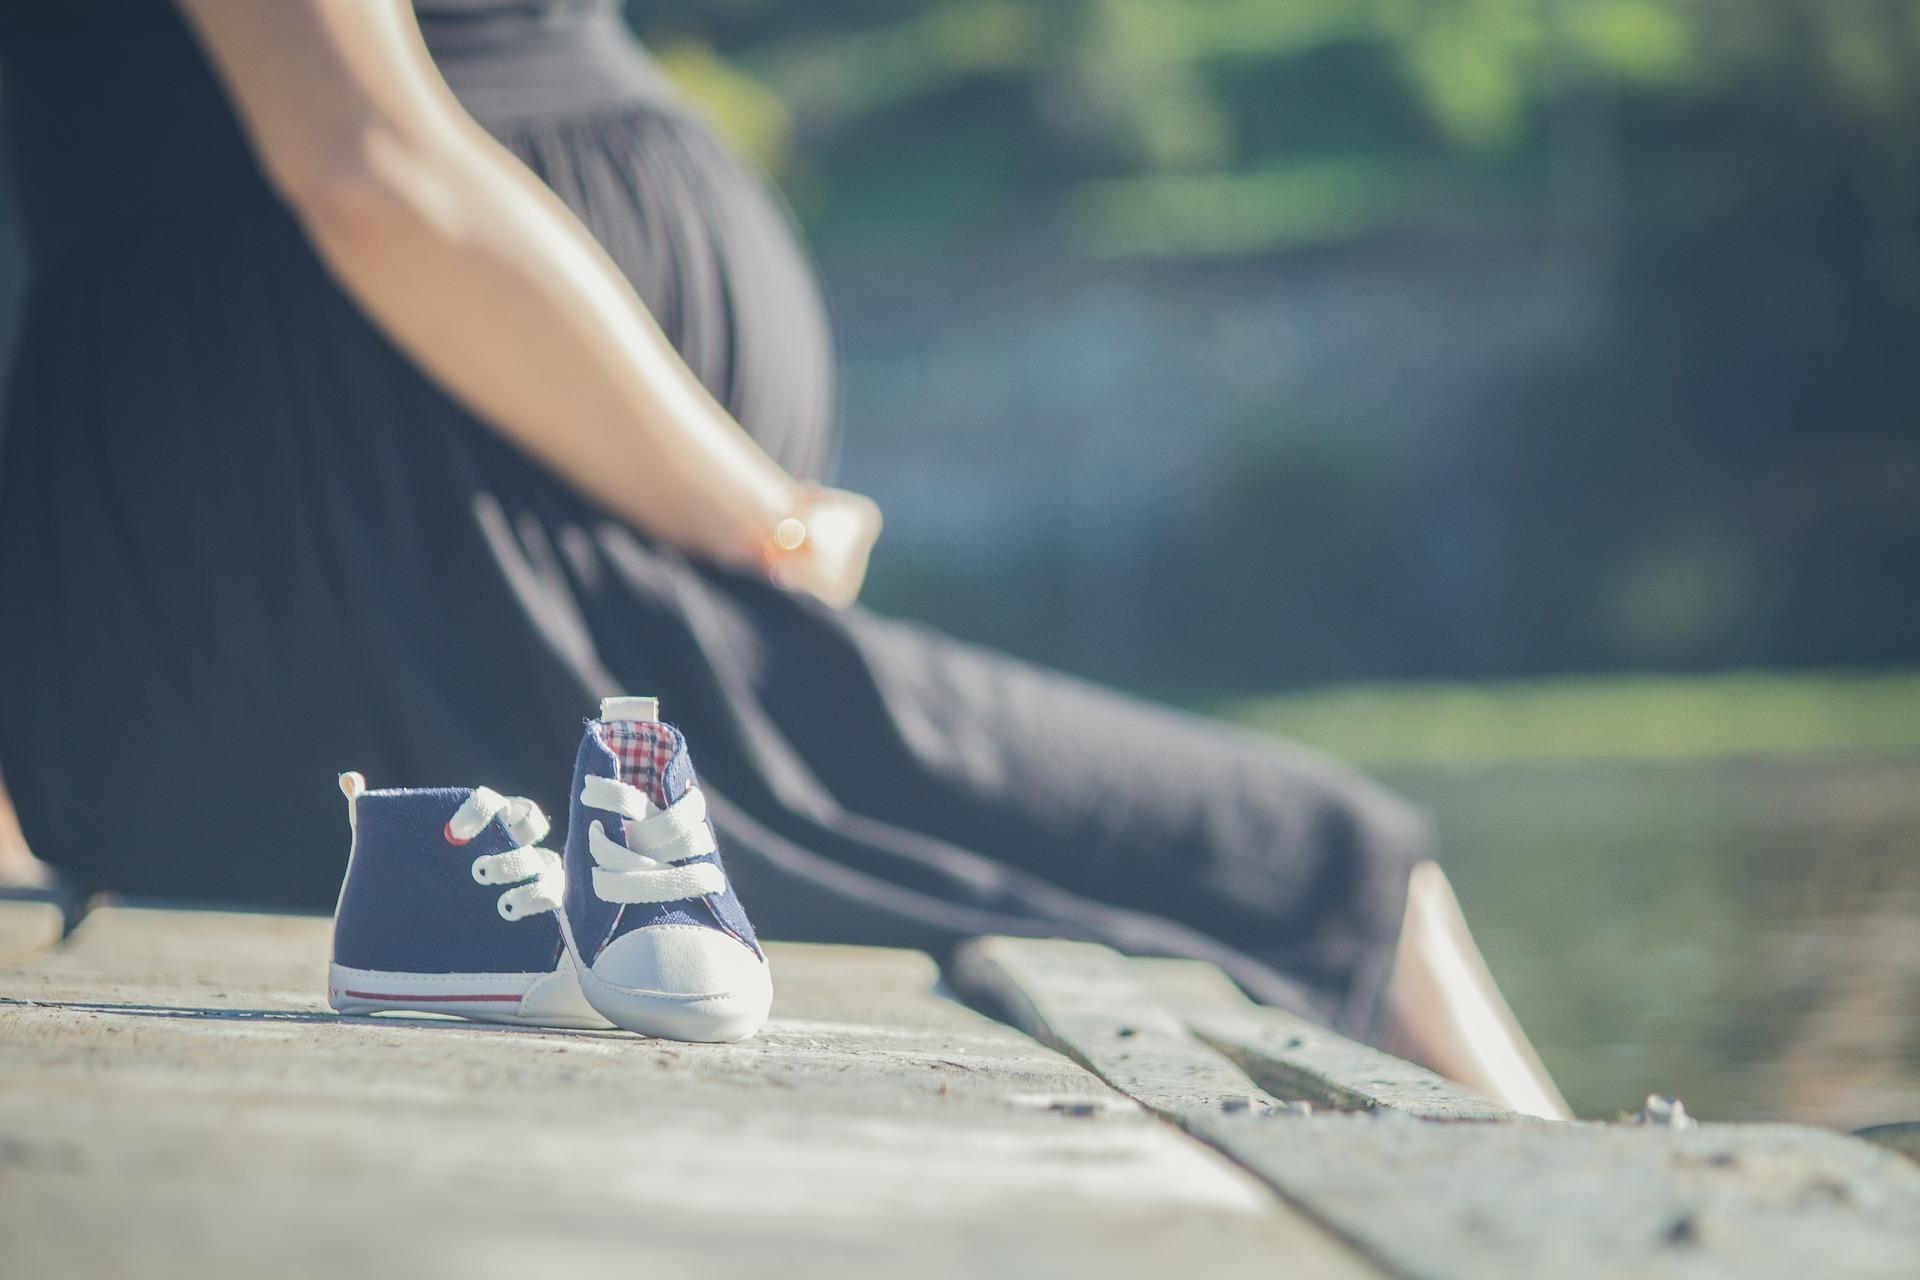 Tipy na dárky pro novopečené maminky - kolegyně a kamarádky - odcházející na mateřskou dovolenou